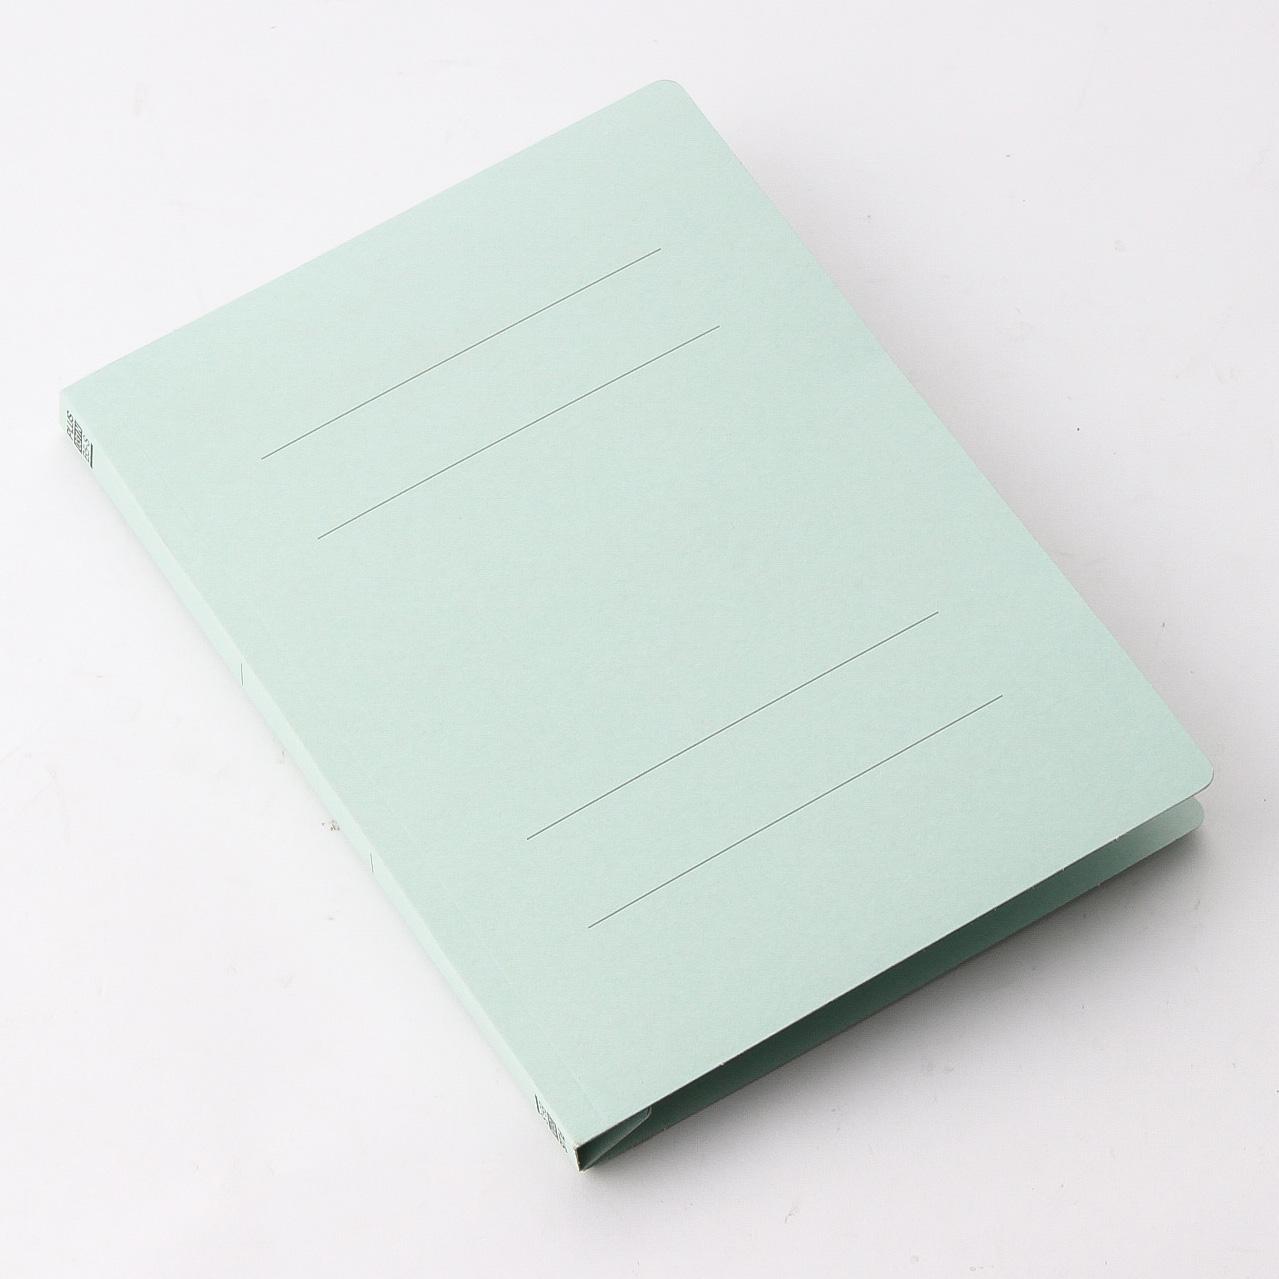 プラス フラットファイル 樹脂製とじ具 B5 縦 ライトブルー (No.031N) 10冊